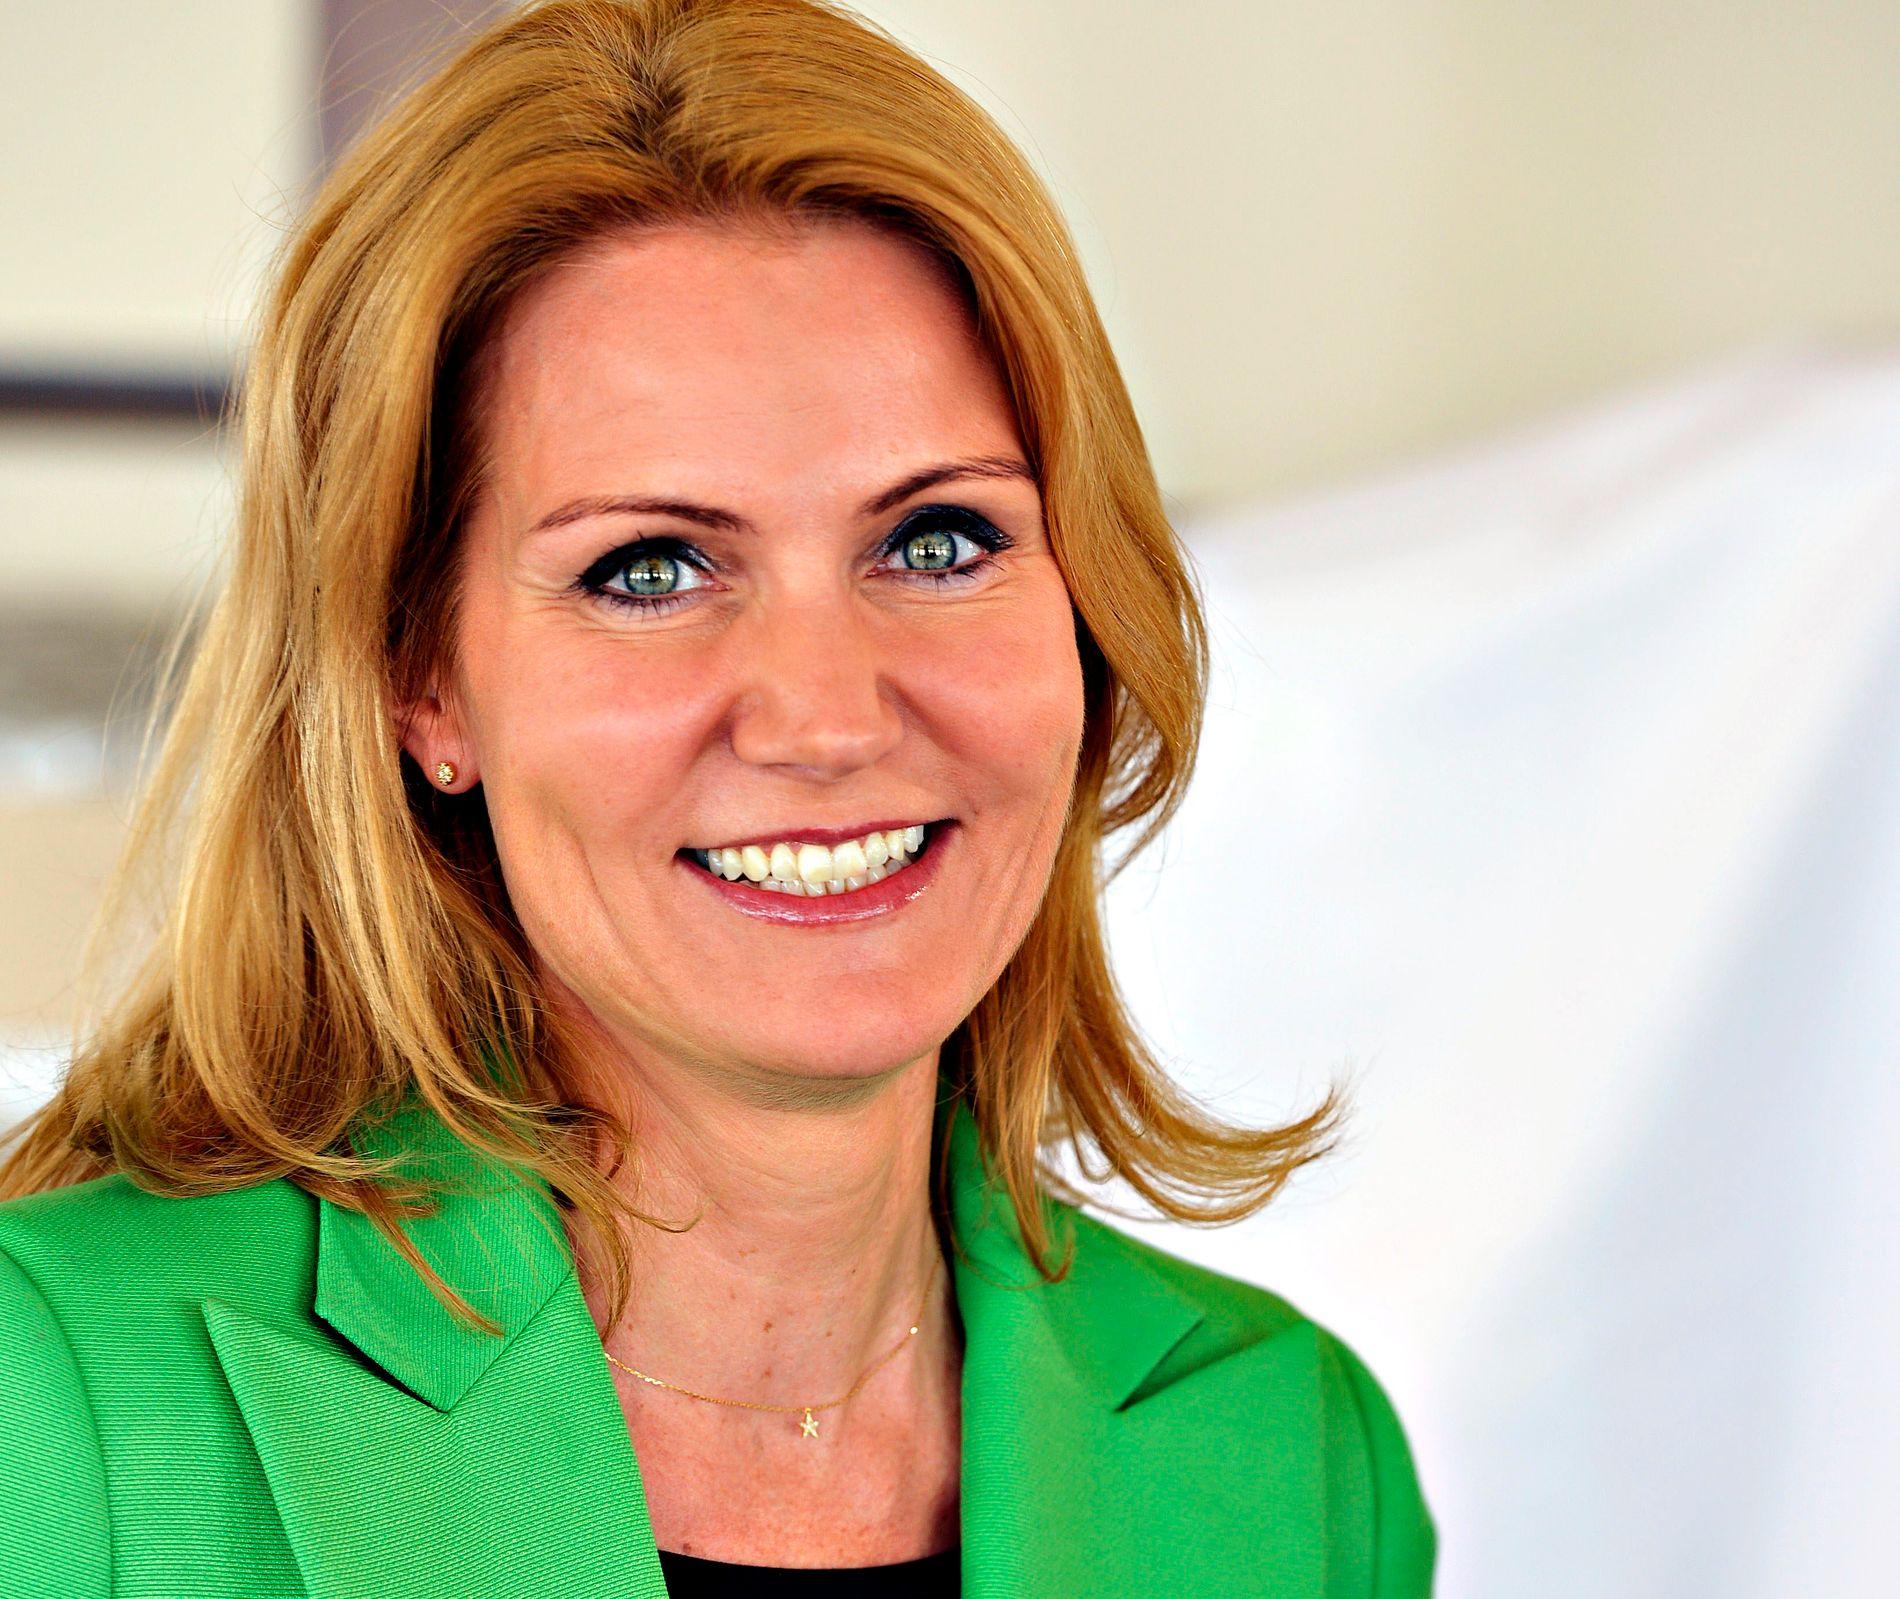 LEDER: Tidligere statsminister i Danmark, Helle Thorning-Schmidt, leder kvinnekommisjonen nedsatt av DBU.